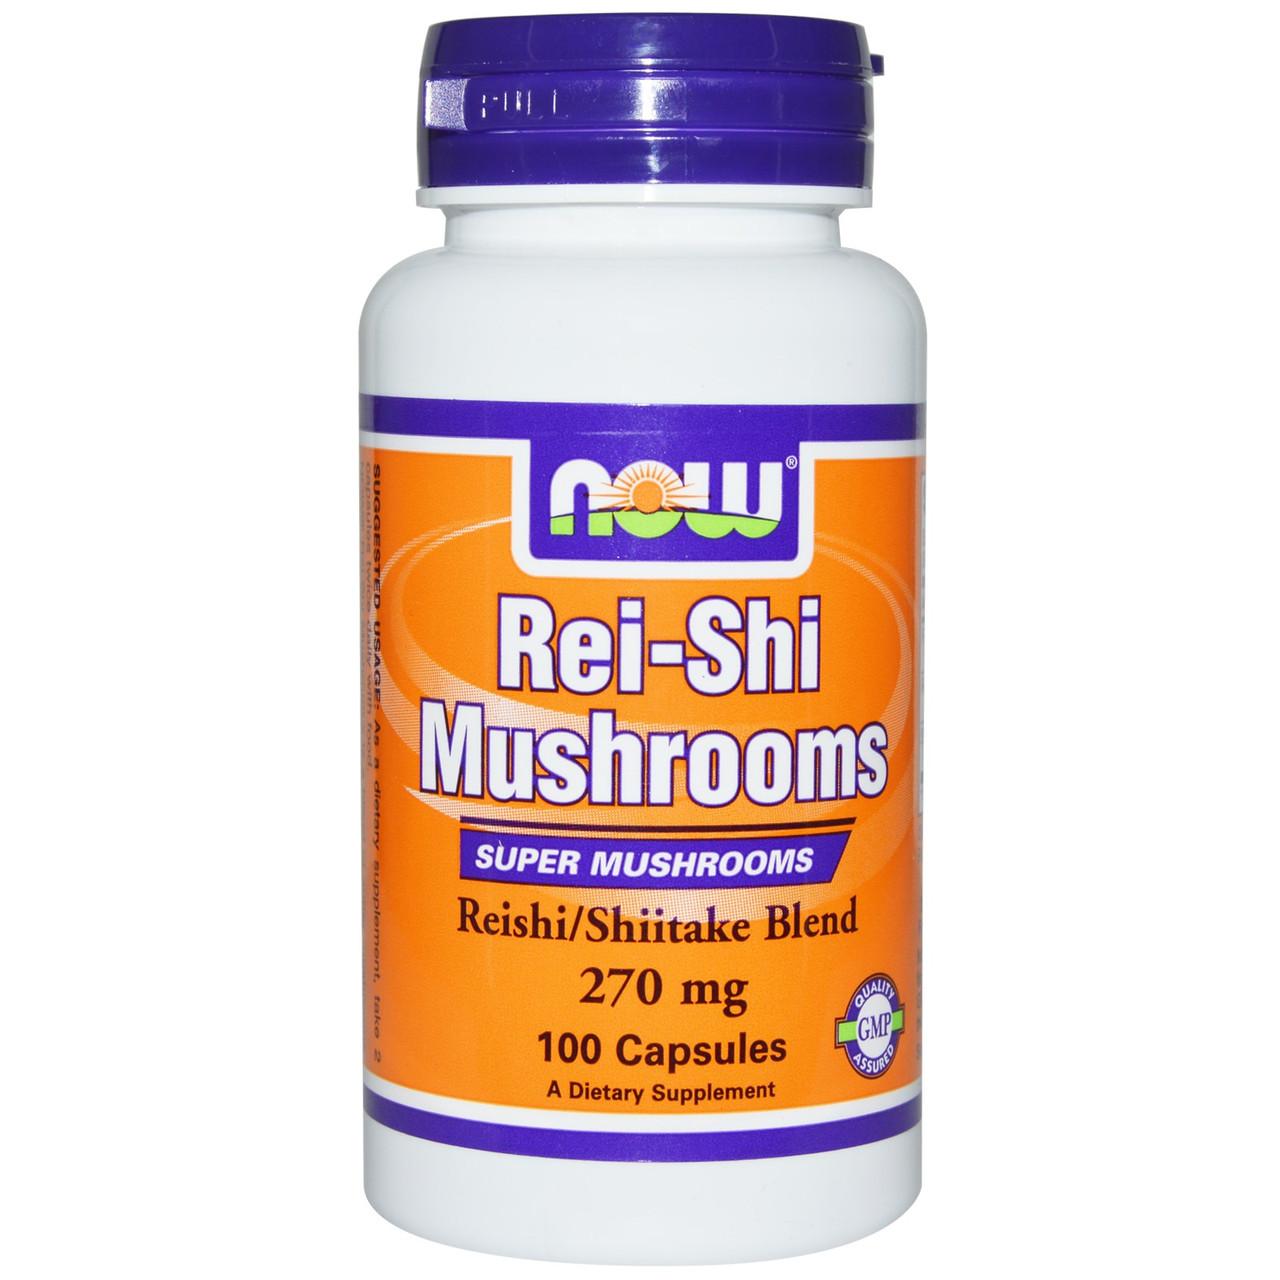 Гриб Рейши, Now Foods, 270 мг, 100 капсул. Сделано в США.